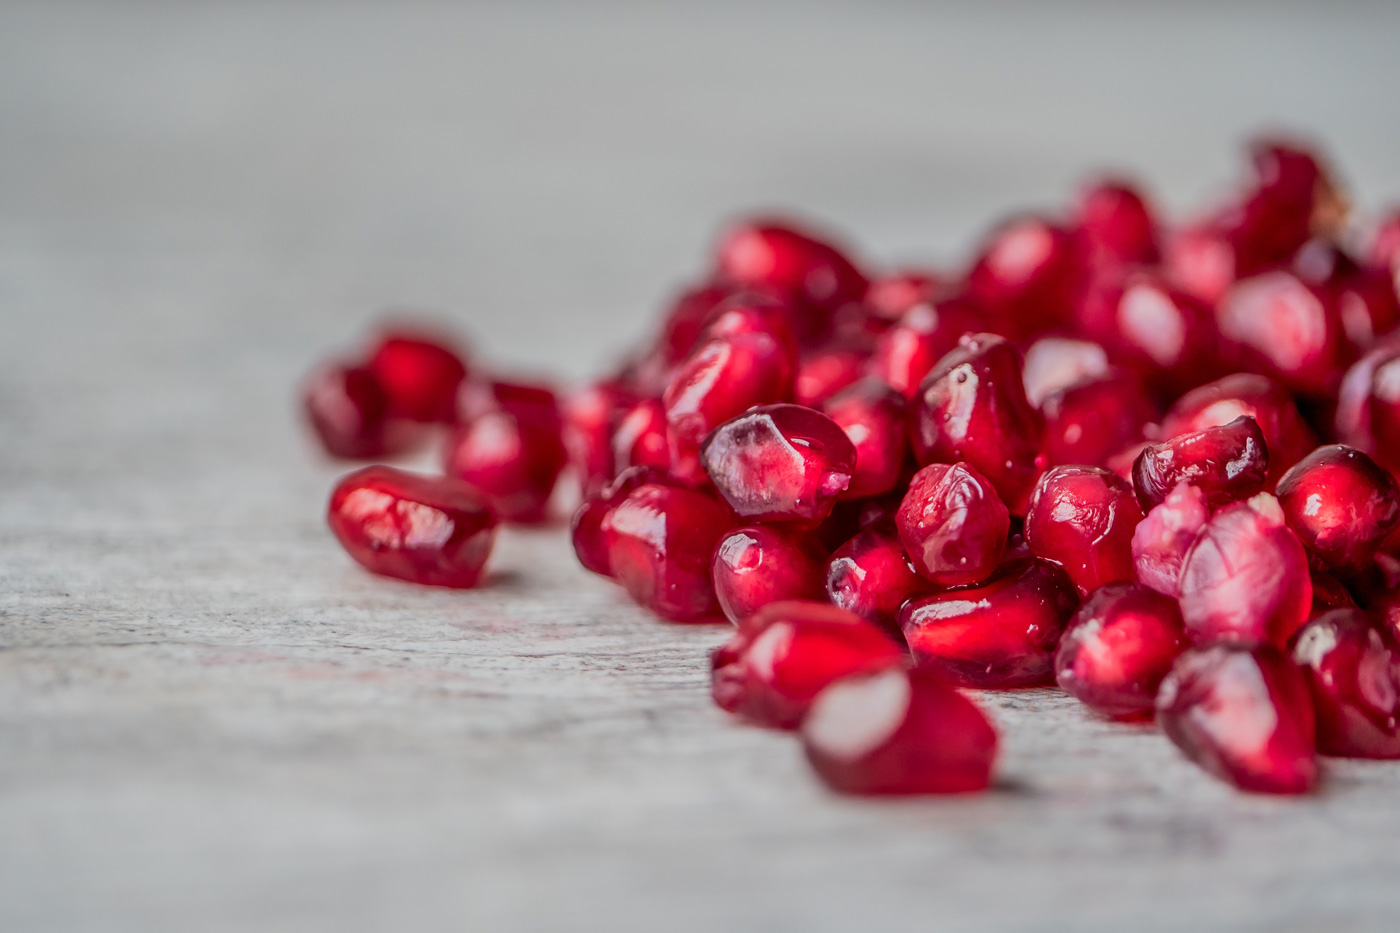 melograno - semi rossi